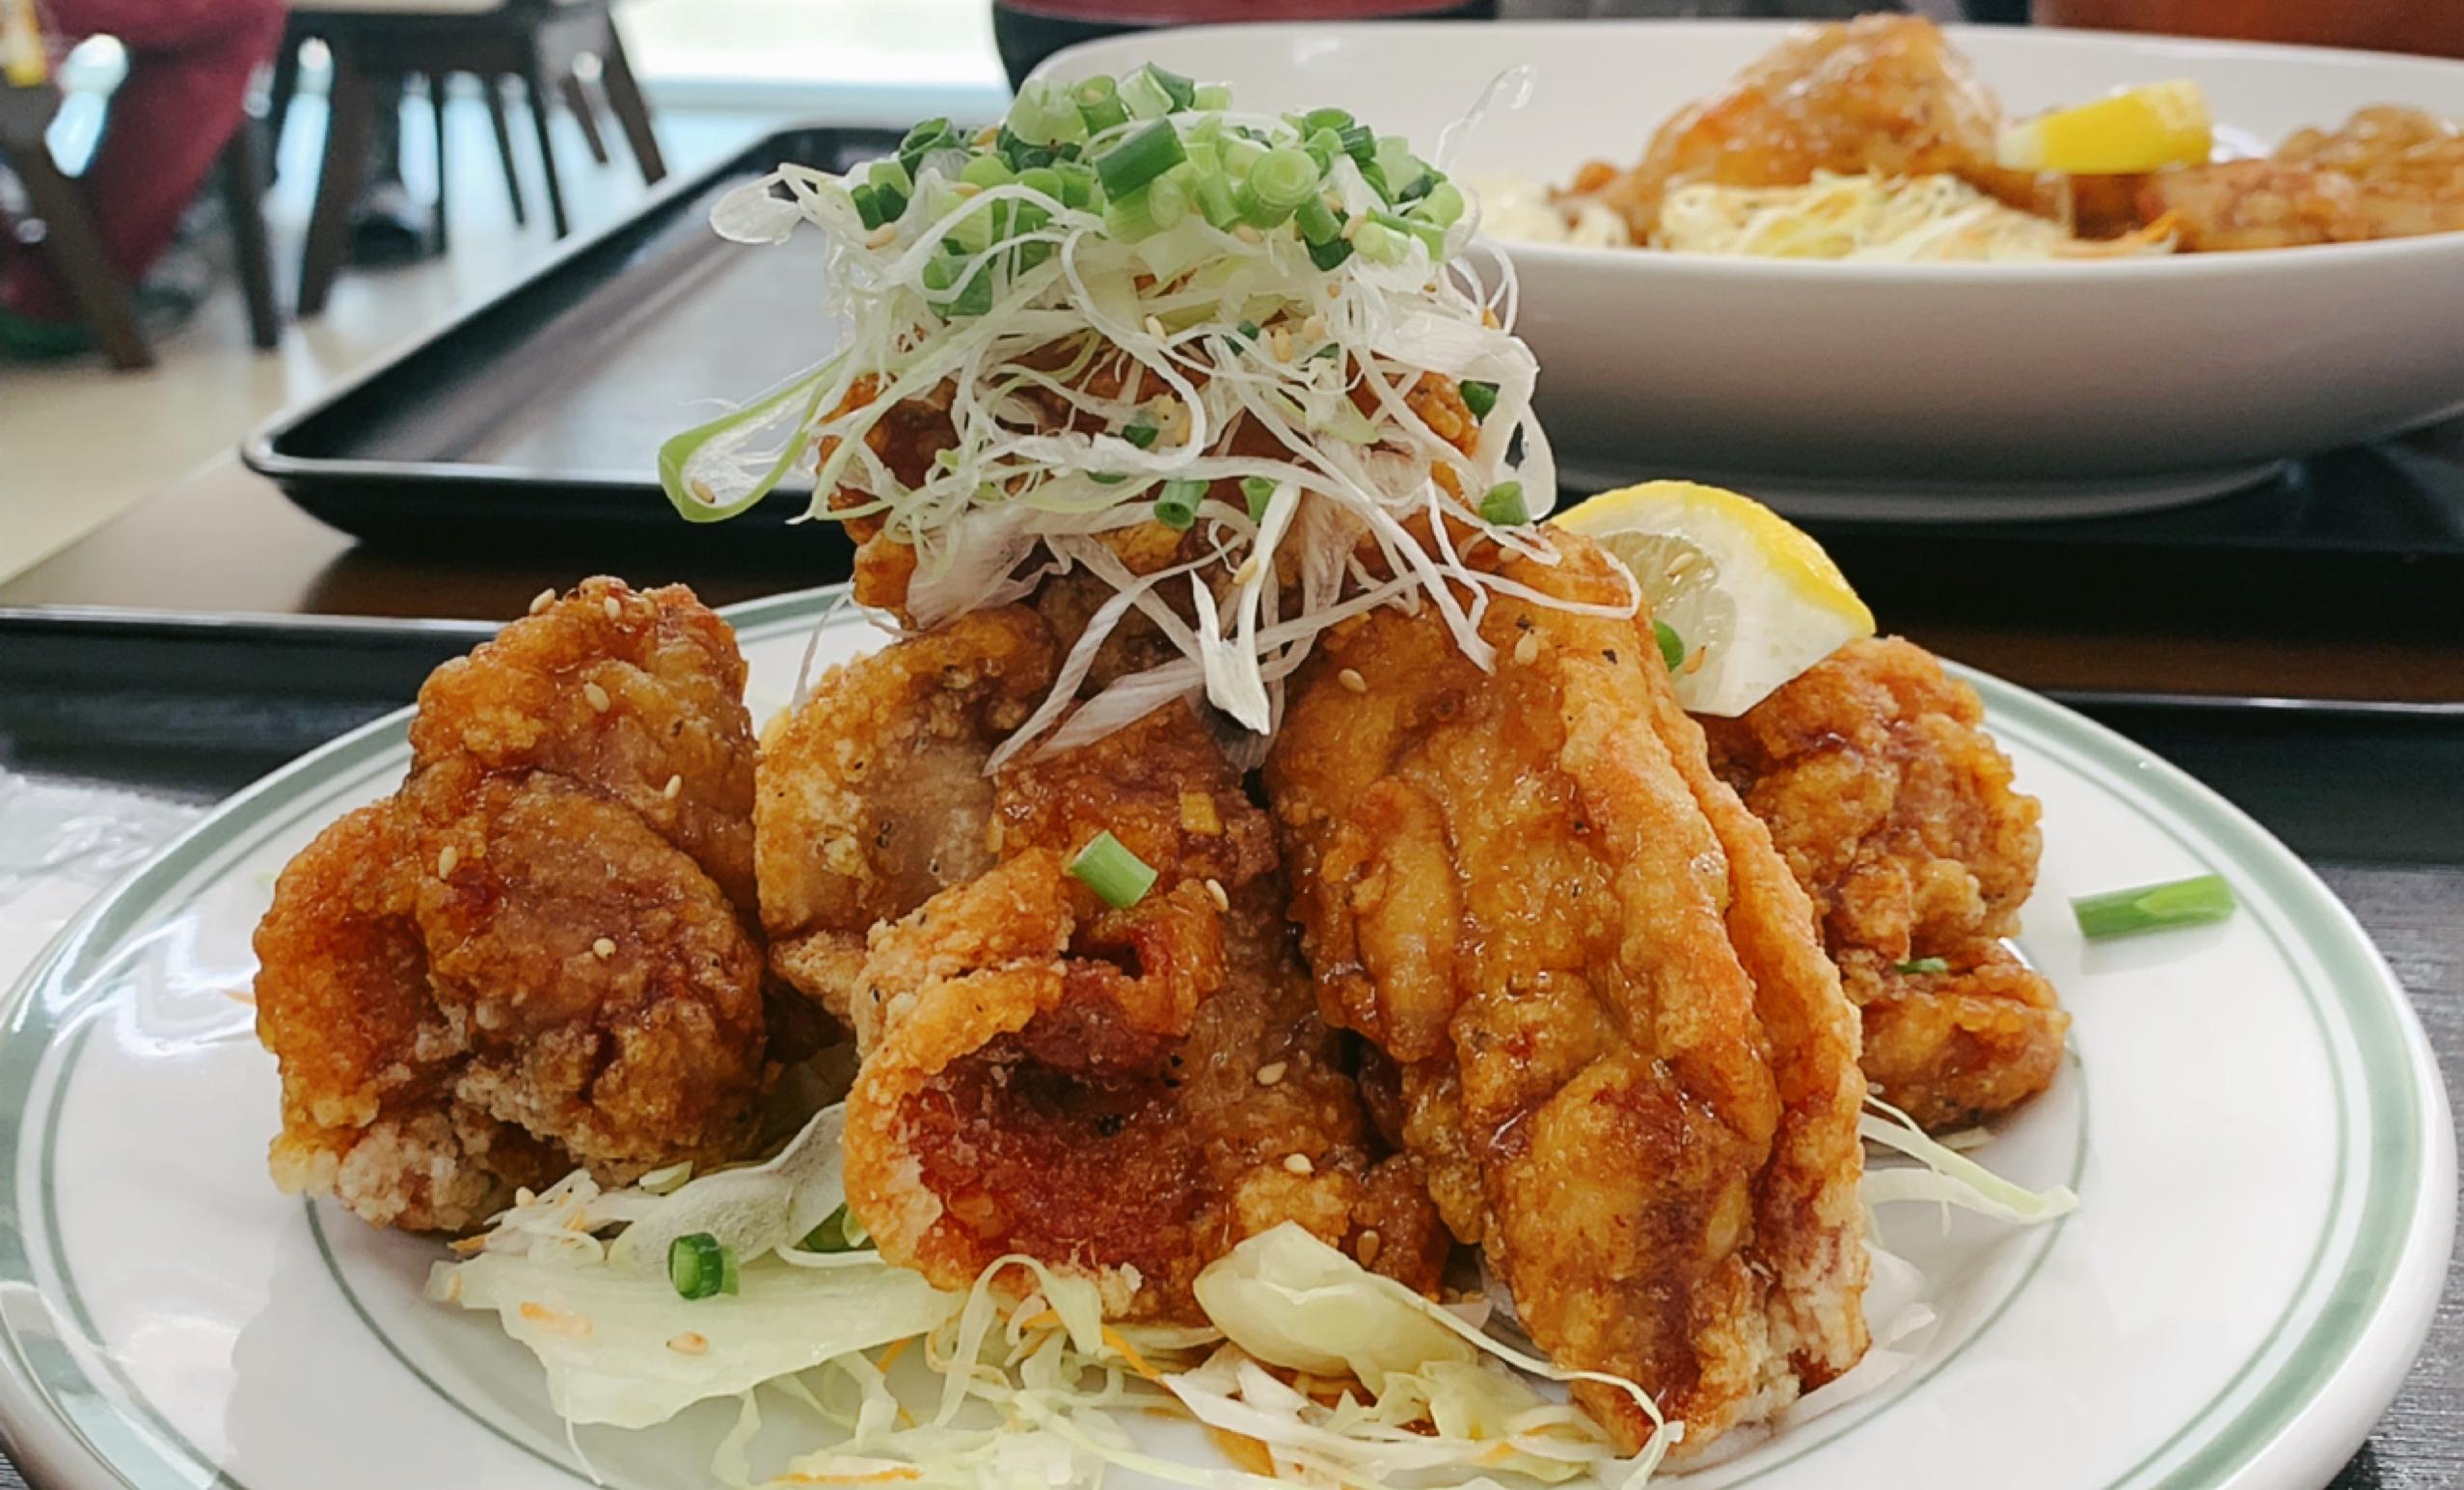 ボリューム✨価格✨味✨大満足の大衆食堂✨✨